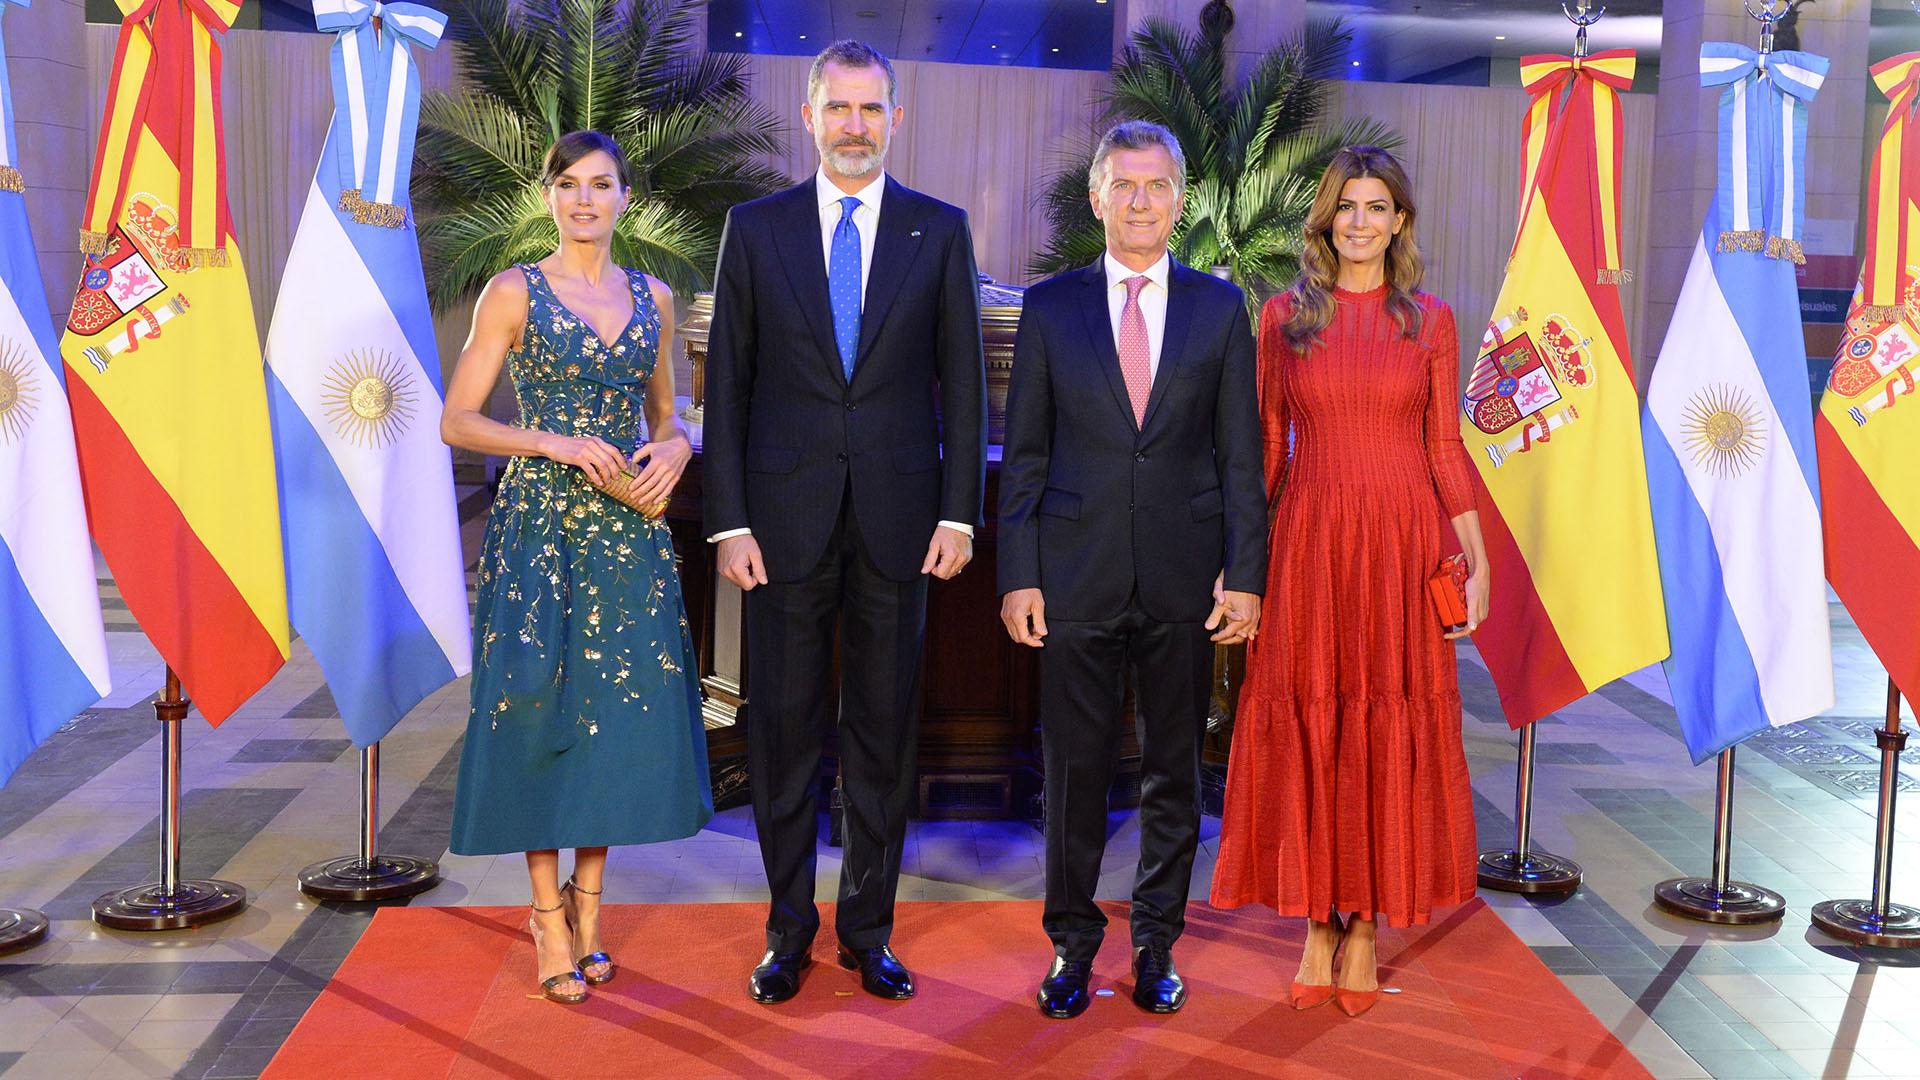 La foto oficial protocolar de los mandatarios de ambas naciones. Es la primera vez que Felipe y Letizia visitan el país como reyes y la primera visita de Estado de España a la Argentina en más de 30 años.